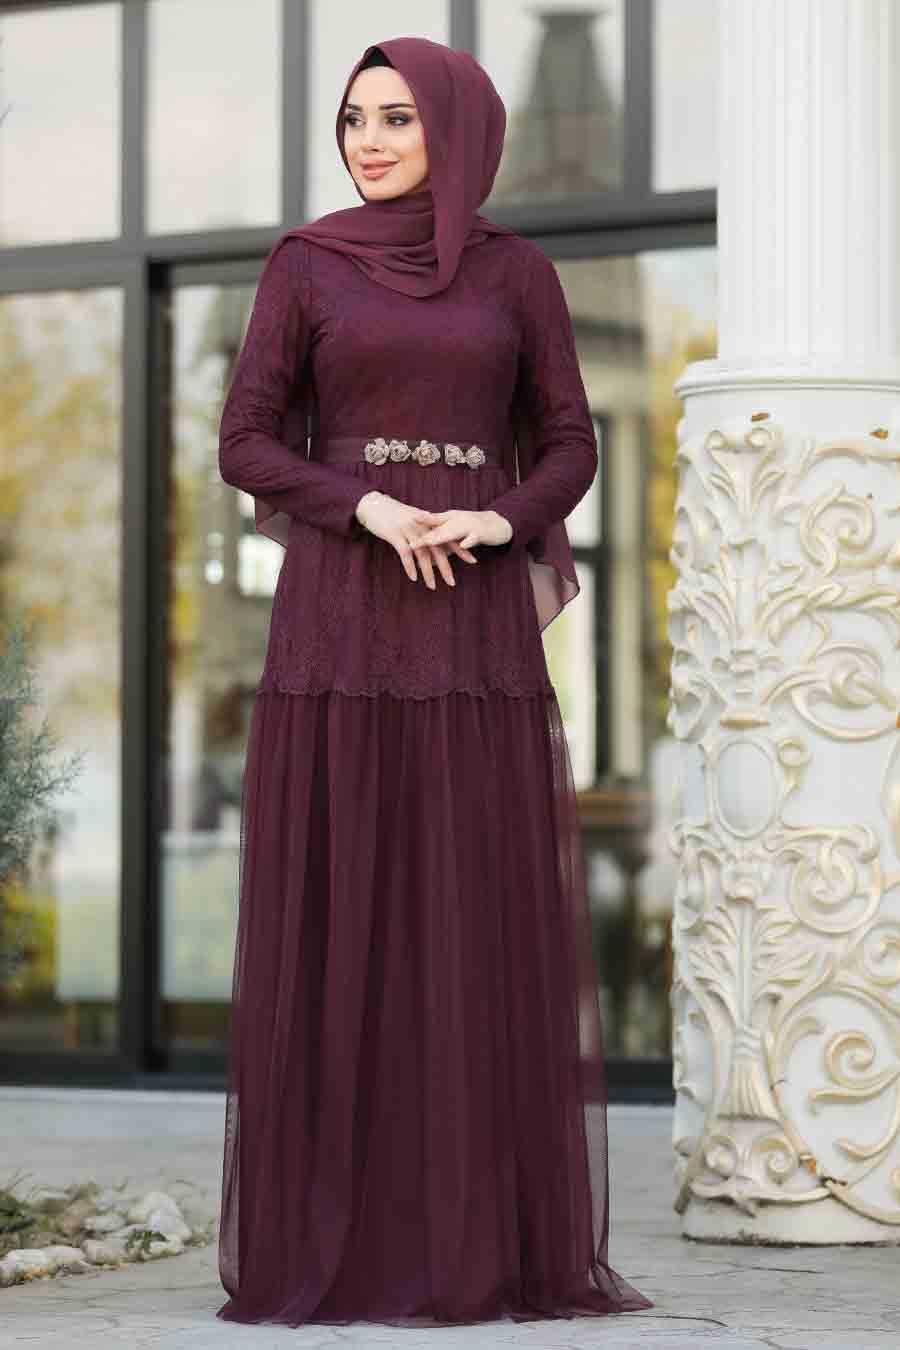 Dantel İşlemeli Bordo Tesettür Abiye Elbise 3980BR